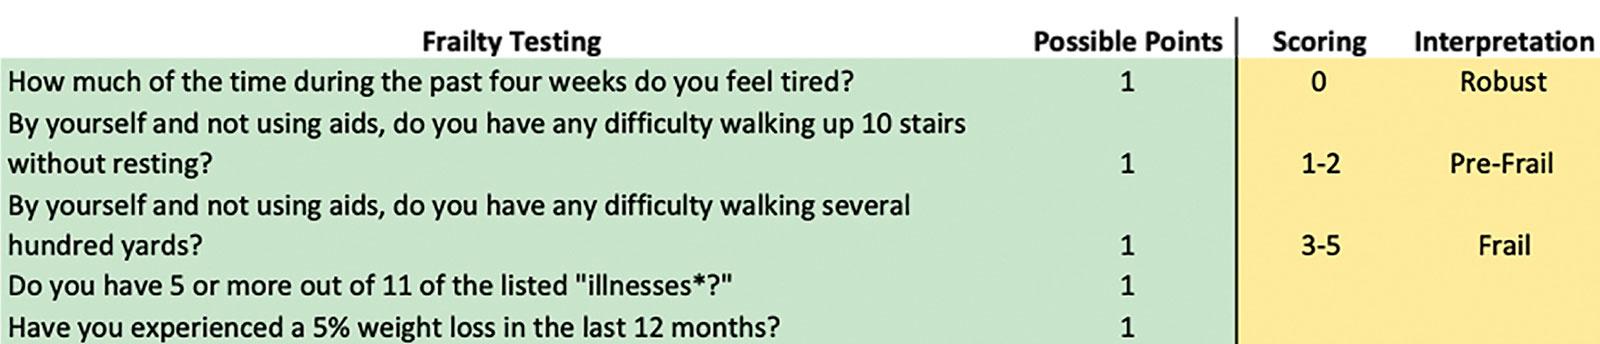 图 2.一项用于评估虚弱作为谵妄风险预测因素的快速测试。<br /><br />*相关疾病包括高血压、糖尿病、慢性肺病、心脏病、充血性心力衰竭、心绞痛、哮喘、关节炎、脑卒中和肾病。<br /><br />经John Morley, MD.允许改编并重印,<sup>5,6</sup>